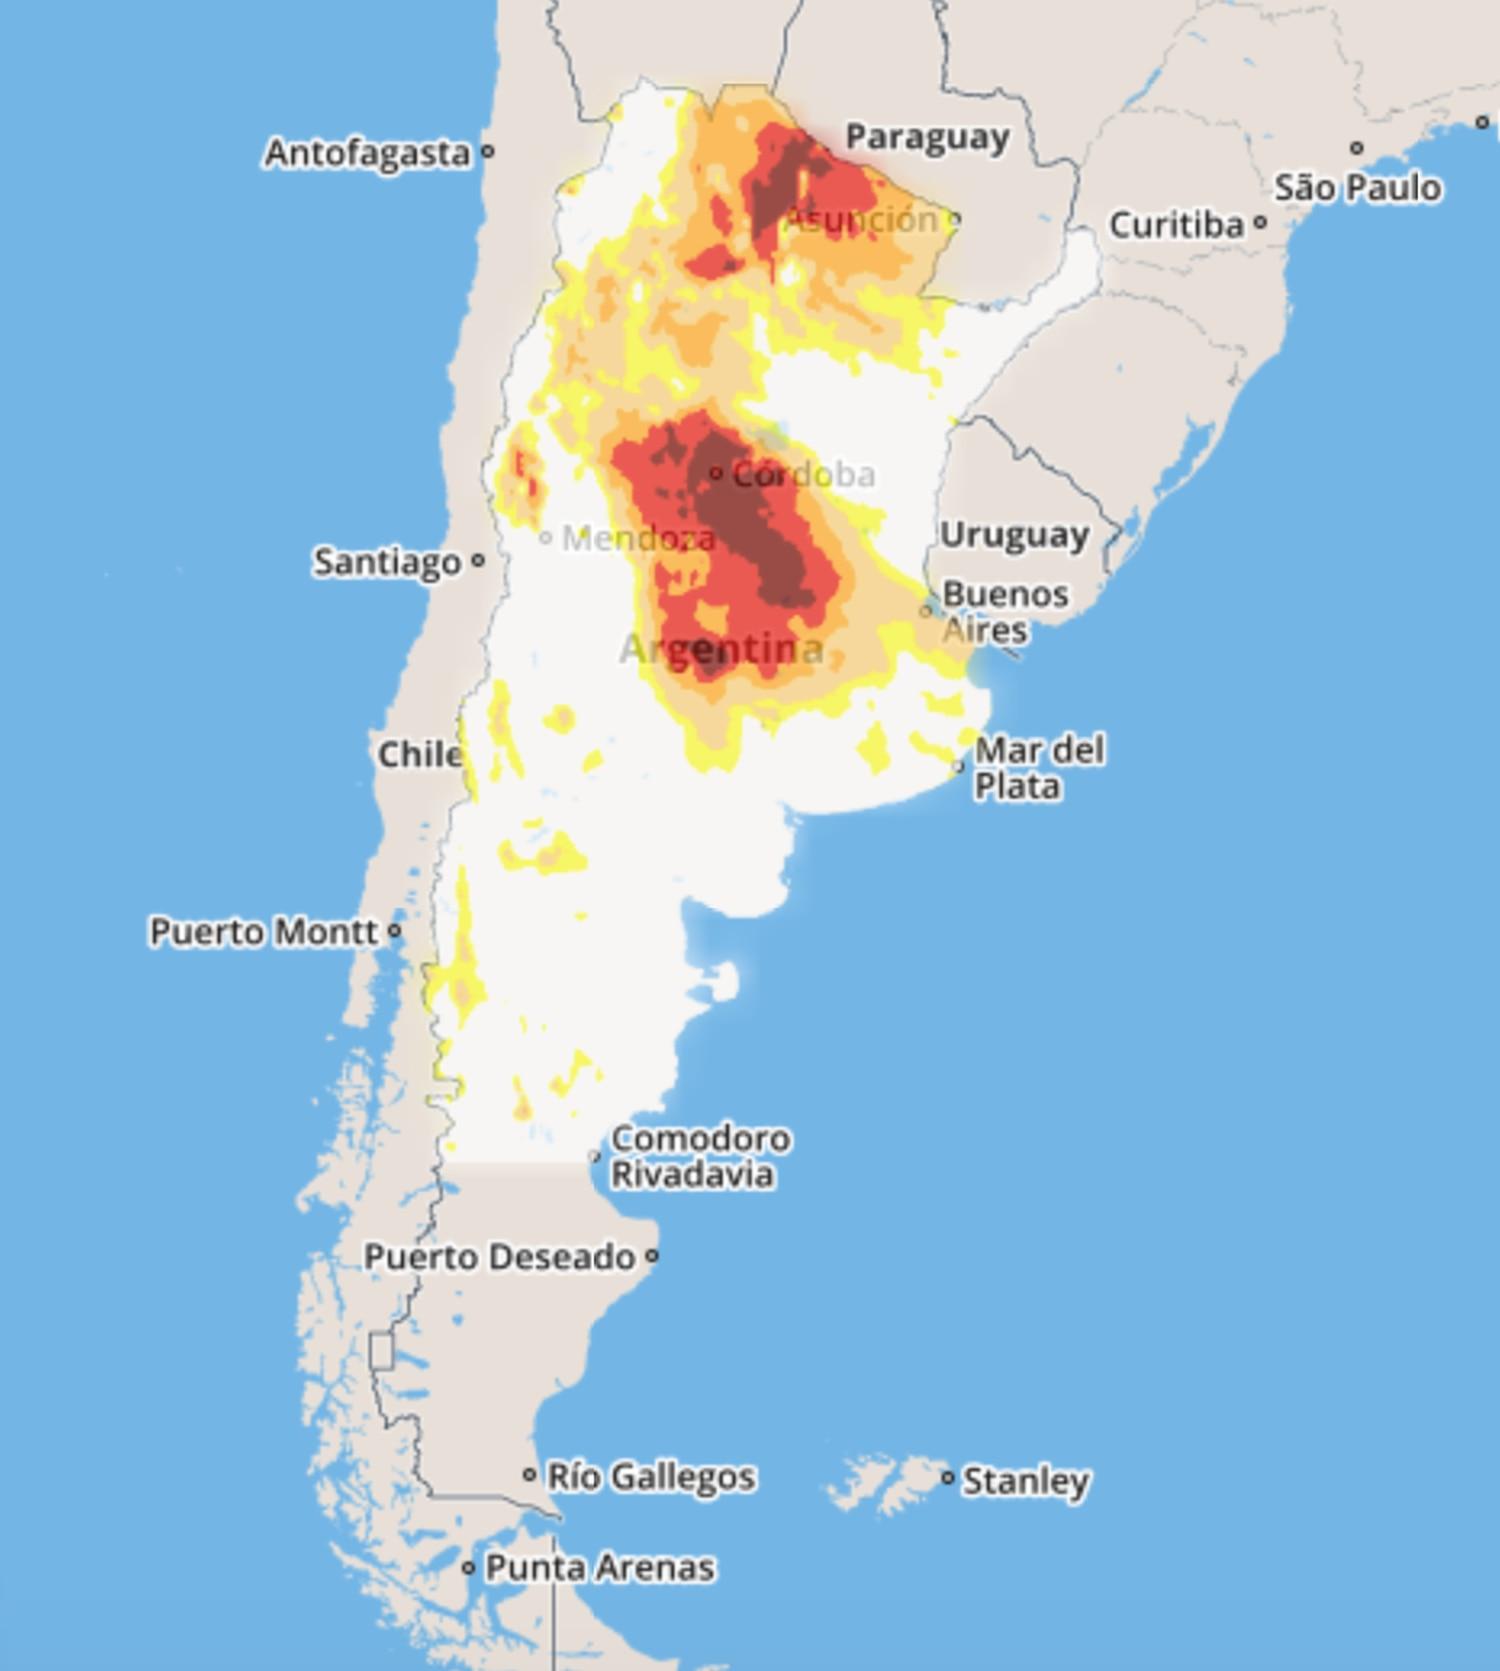 Los incendios asfixian el centro y norte de Argentina XCCQTIW6FRHRJC5CSPBEUJ54YU